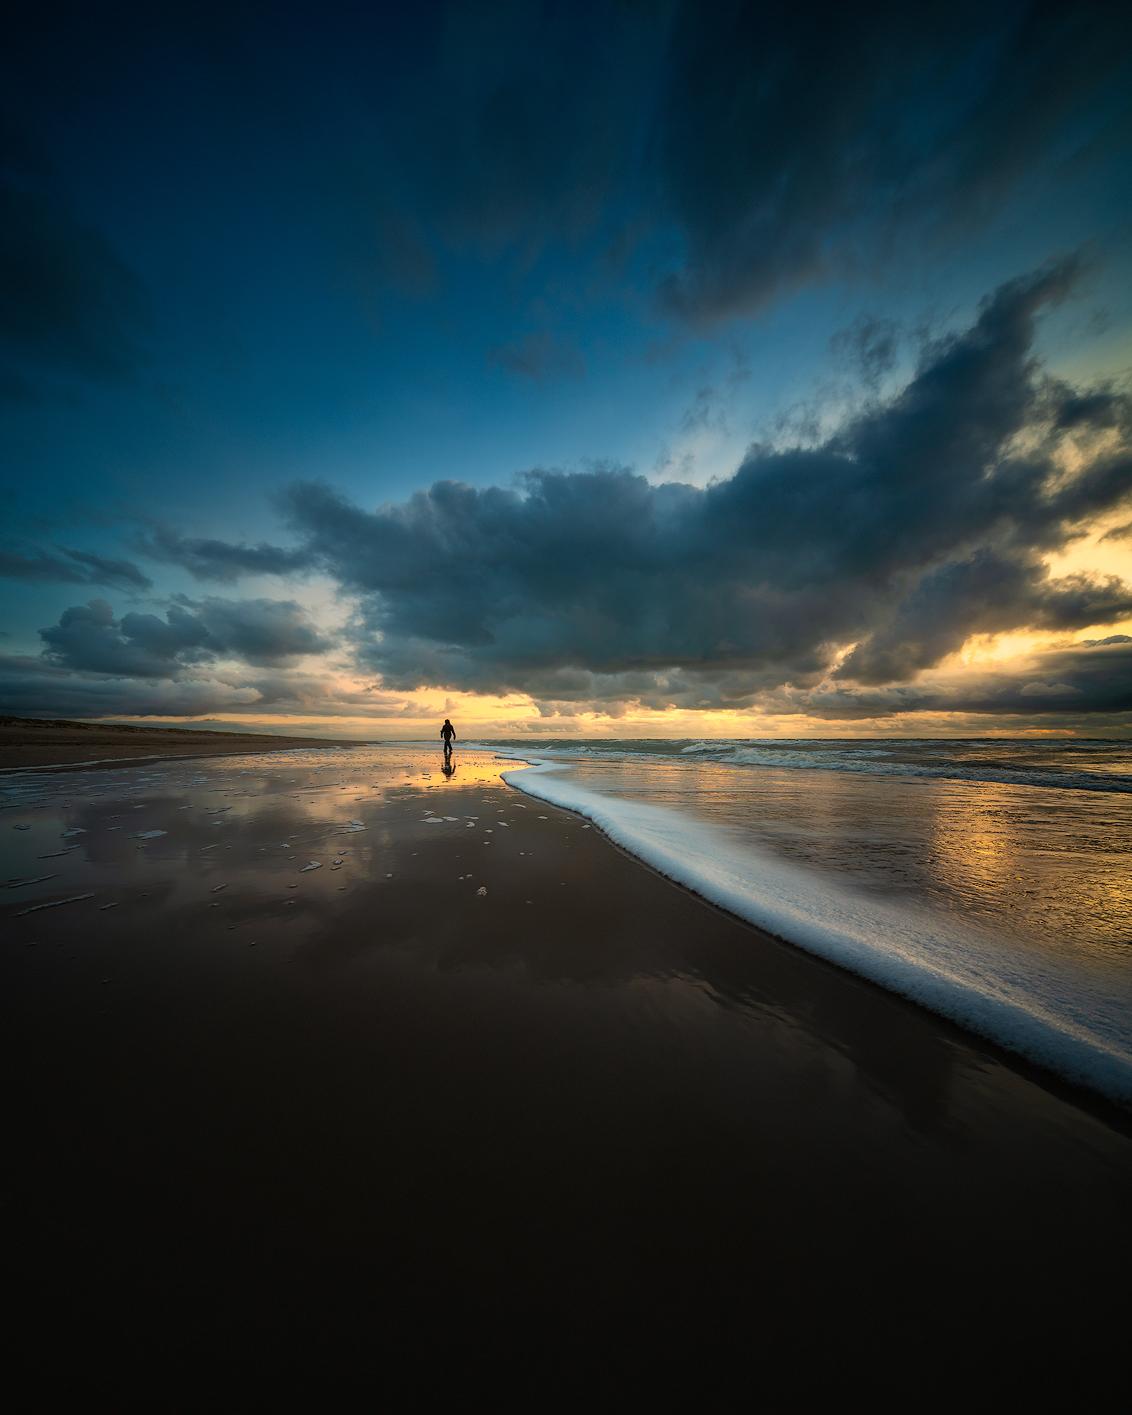 Beach walker - North Sea beach